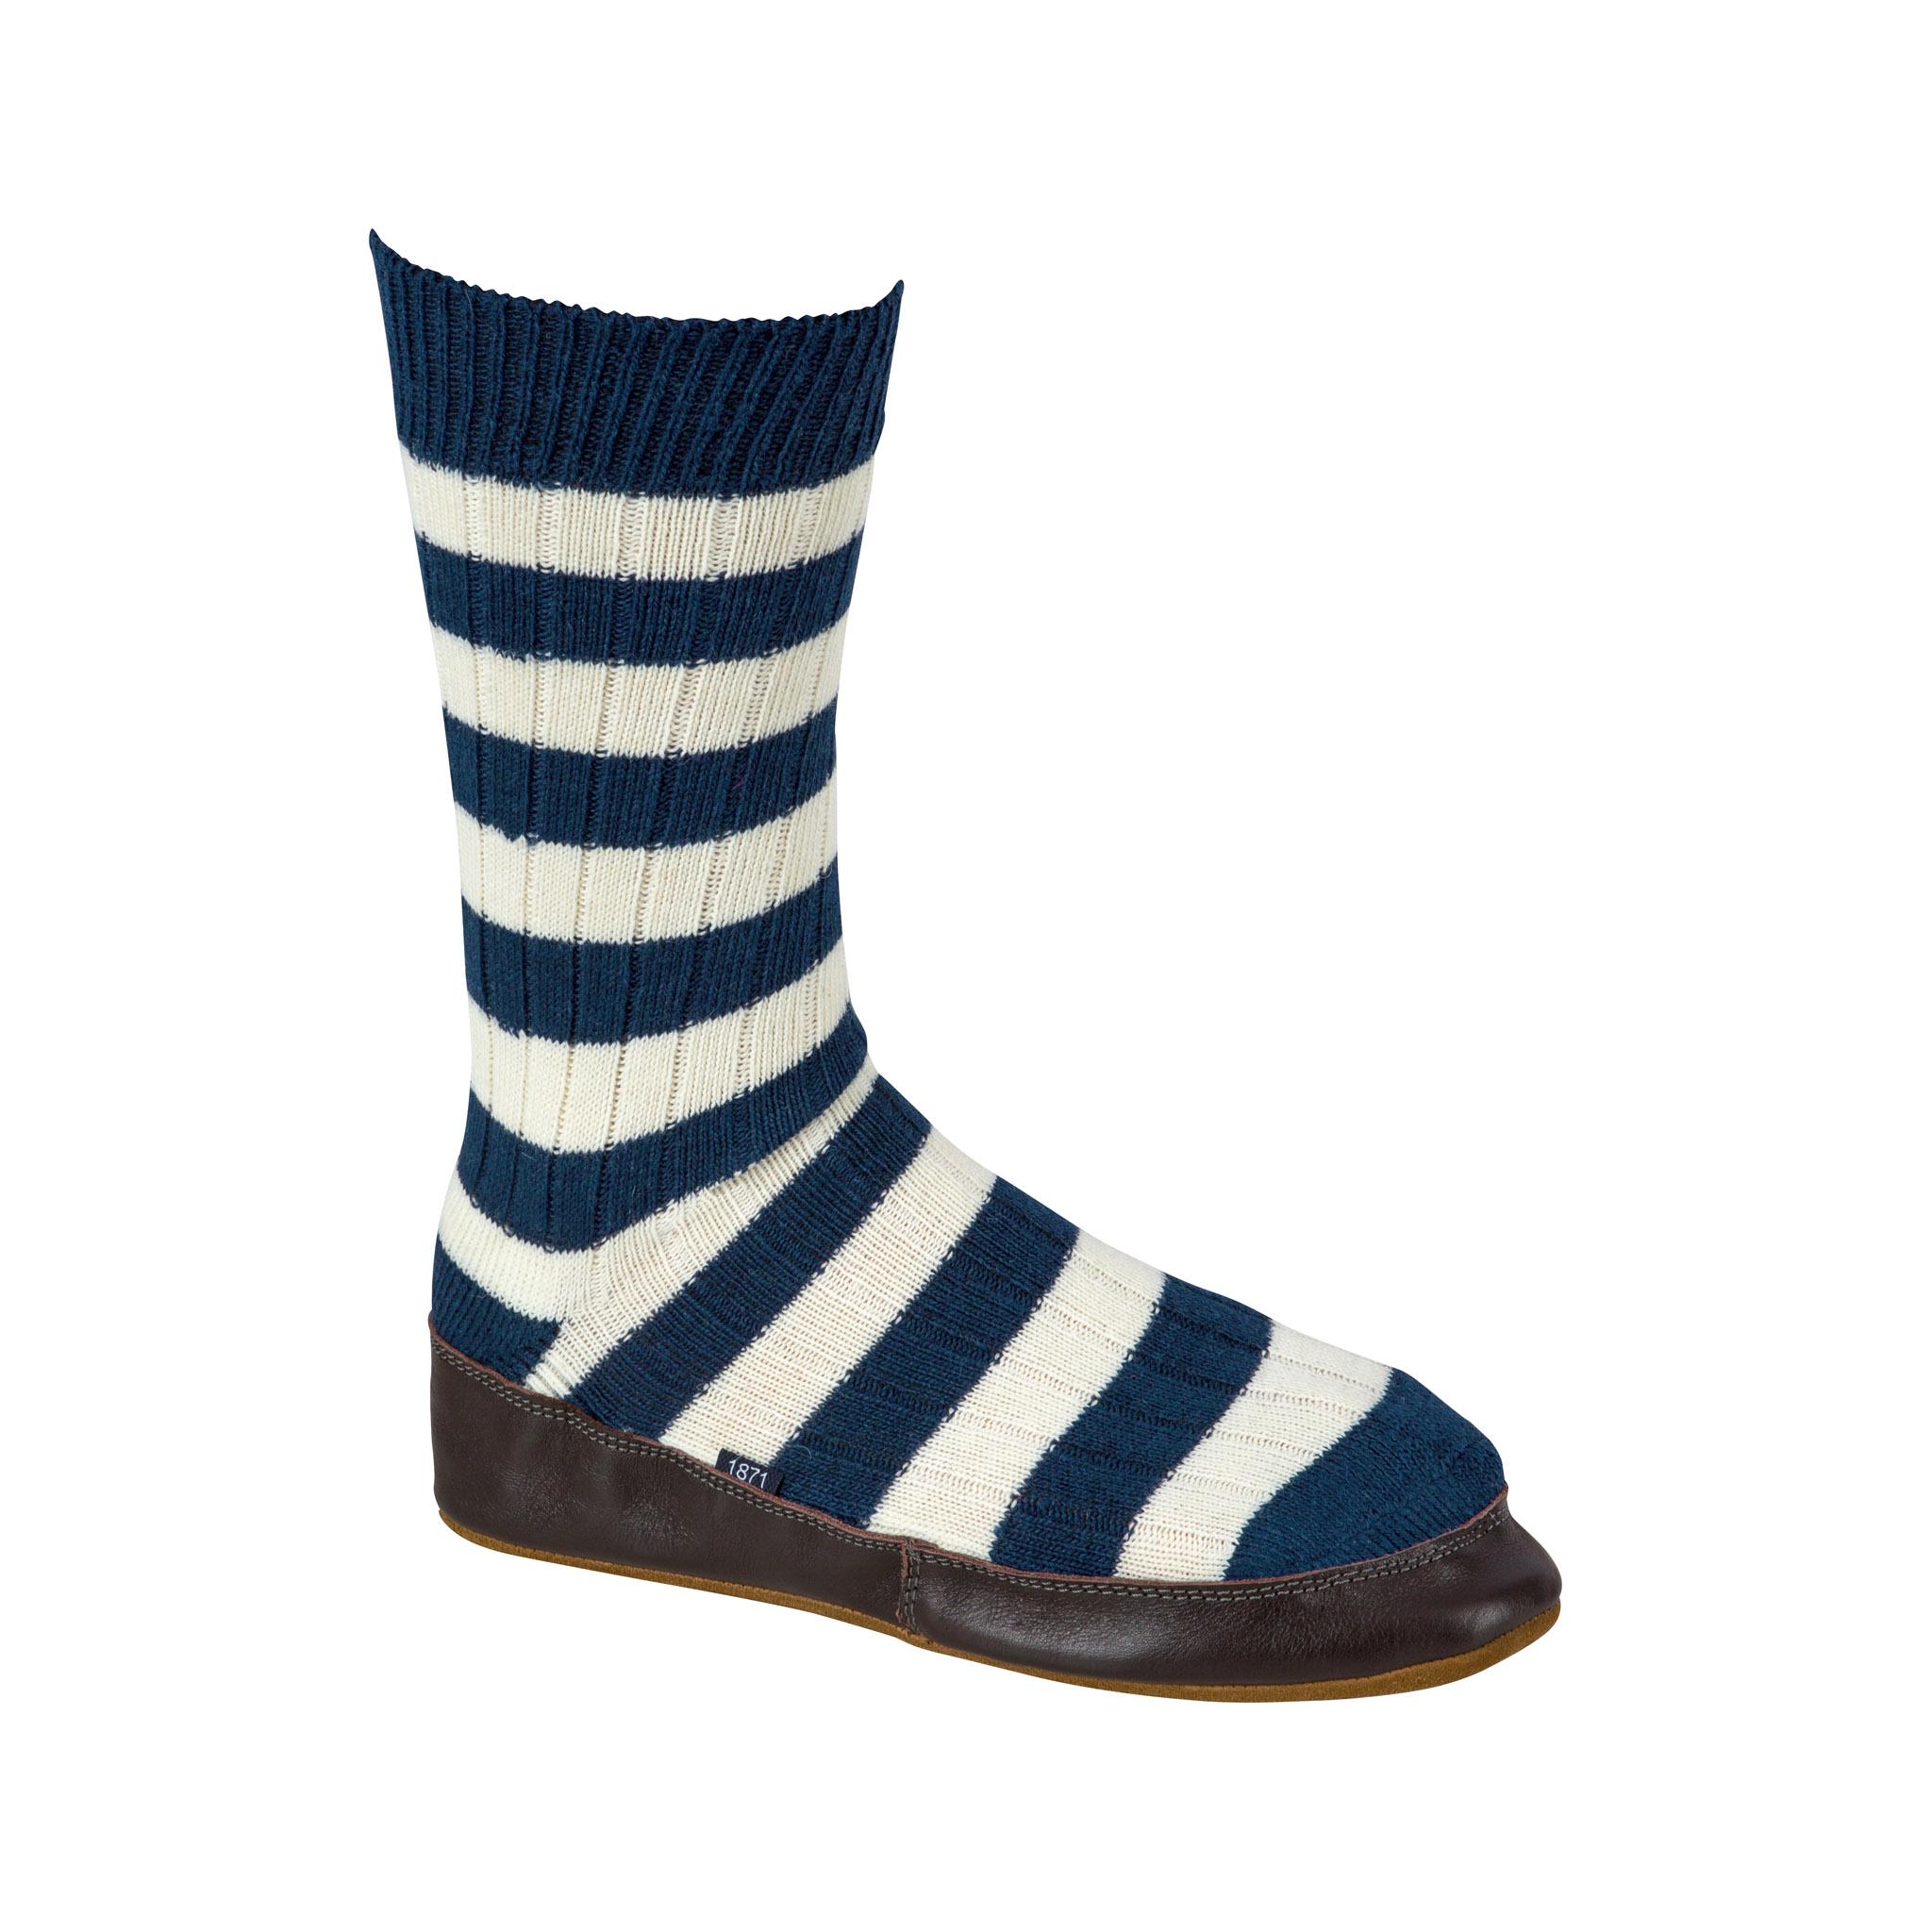 Slipper Sock blue and white stripe